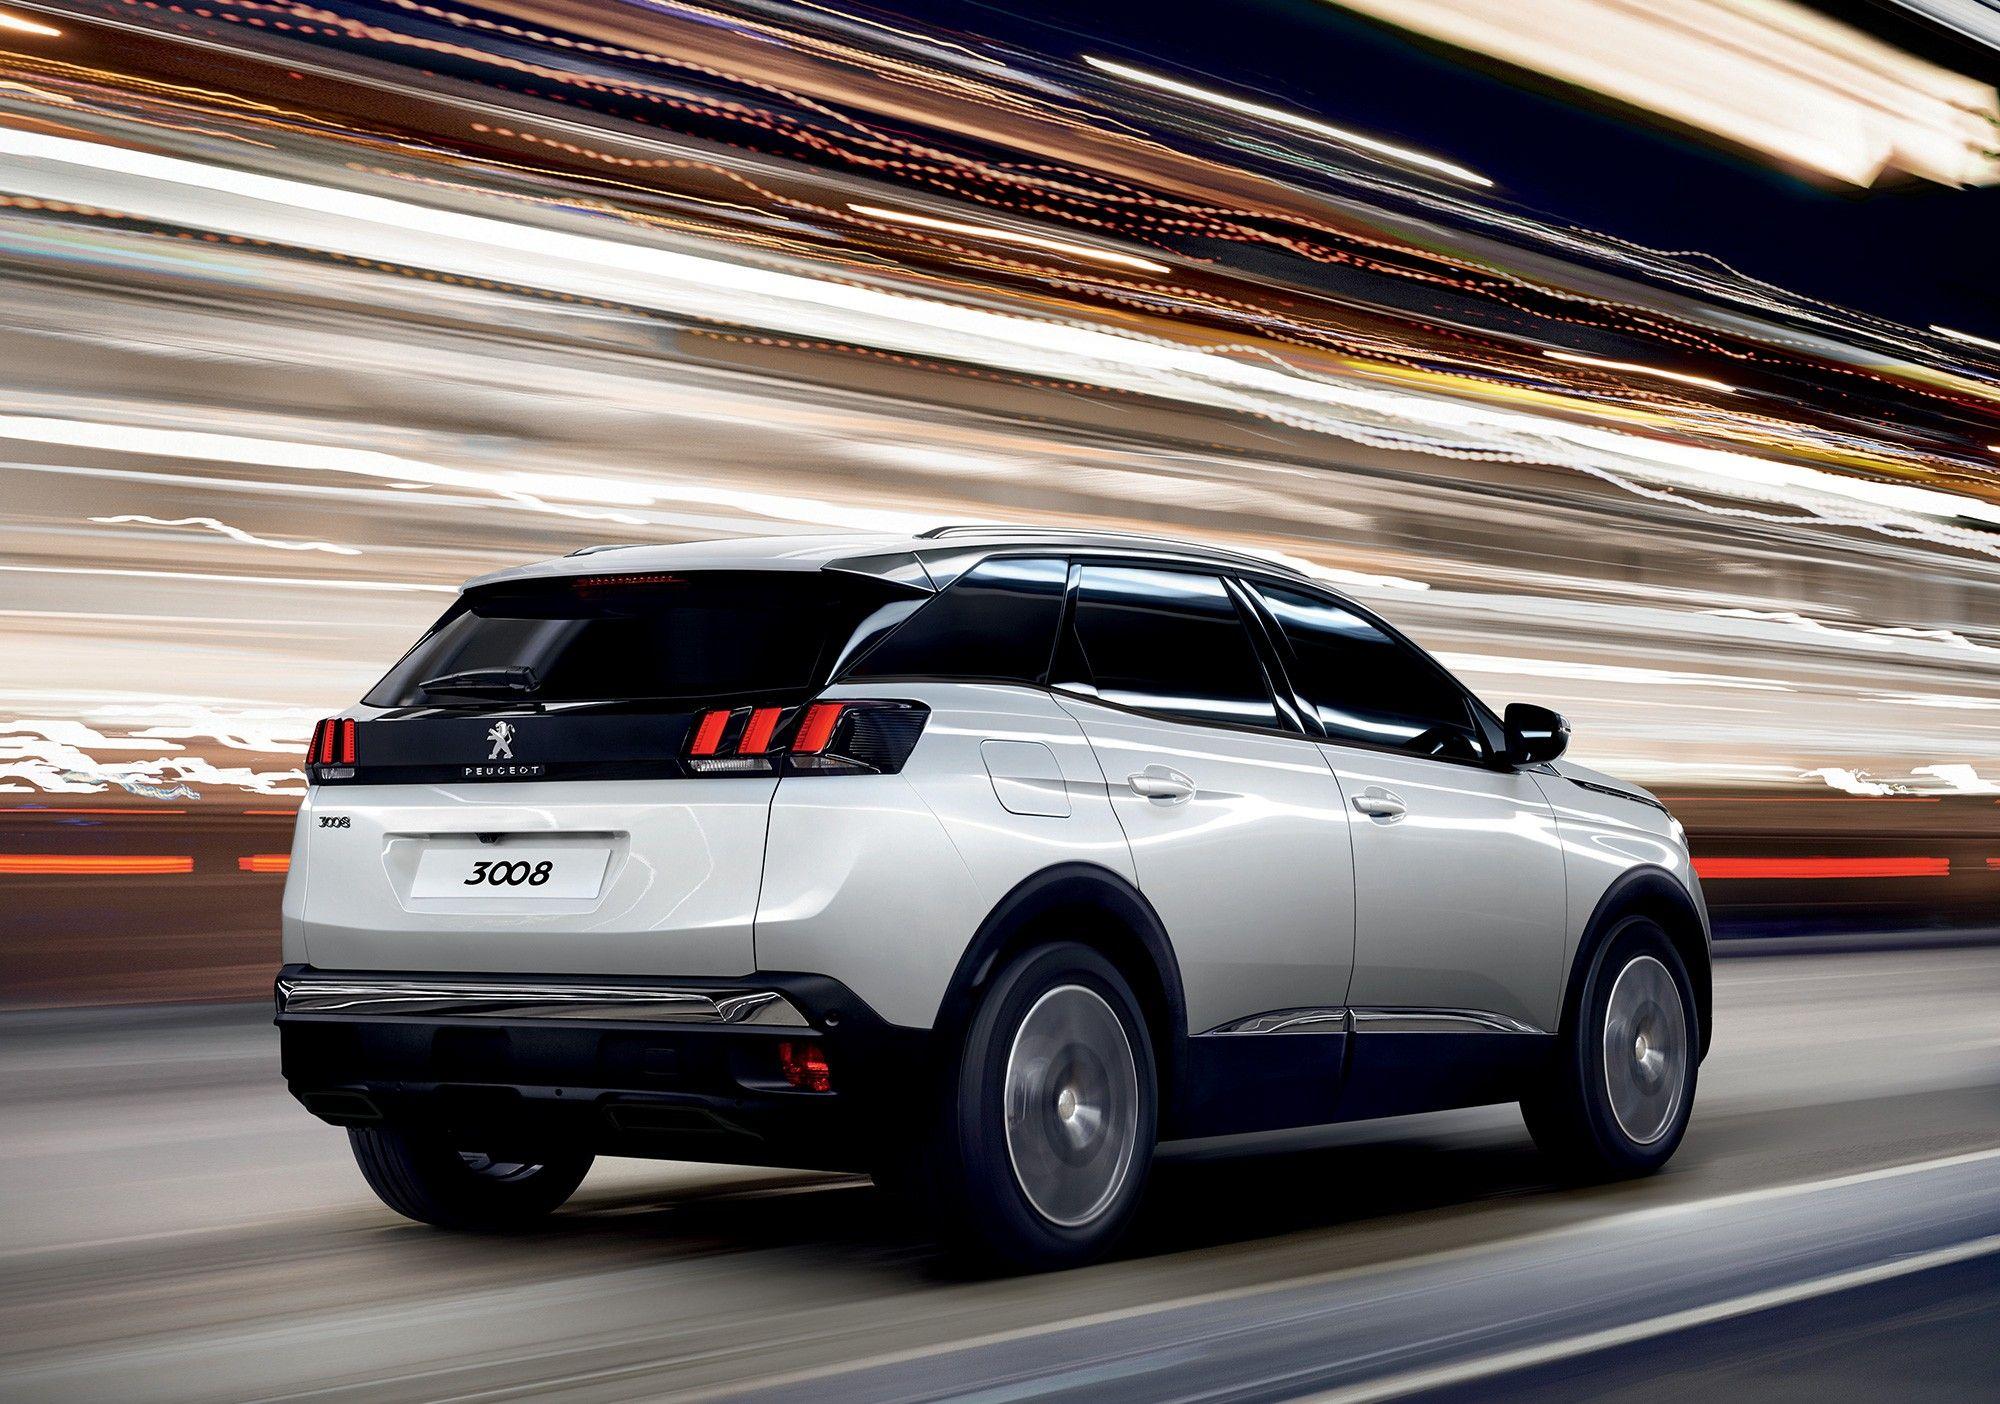 Va No Certo Saiba Qual E O Carro De Luxo Indicado Para Voce Carros De Luxo Peugeot Peugeot 3008